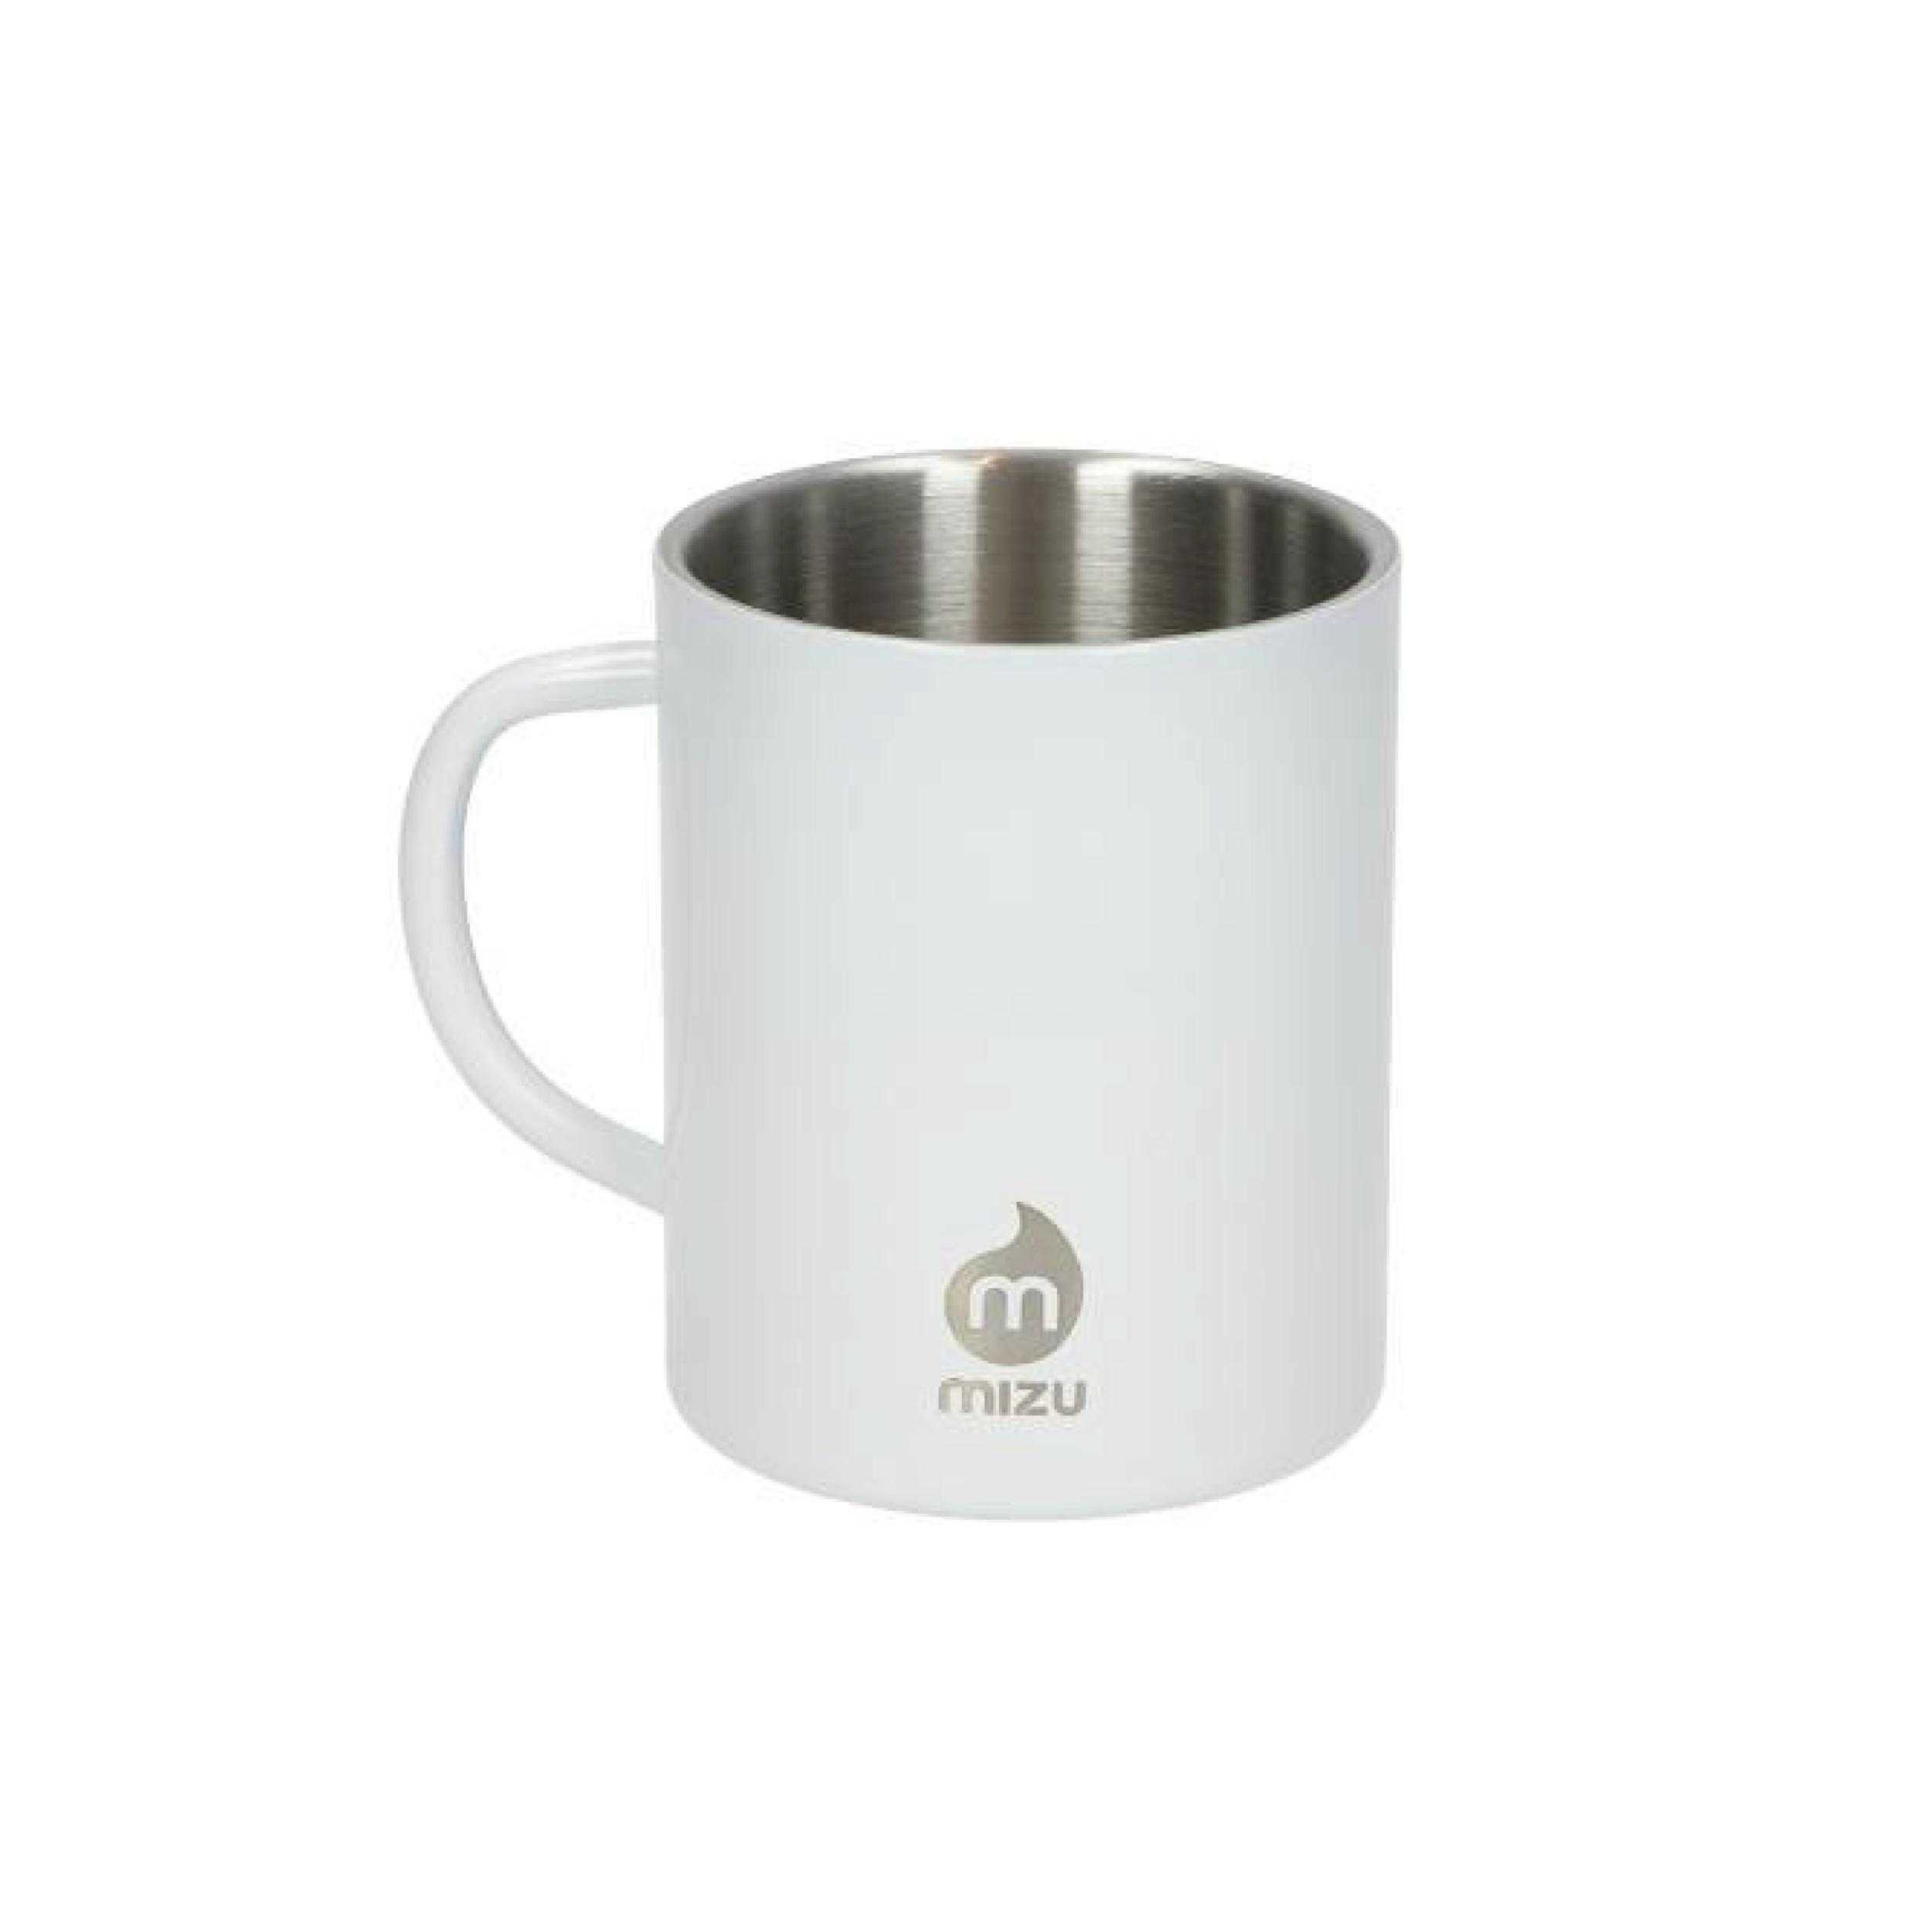 Mizu Mug 6-01.png